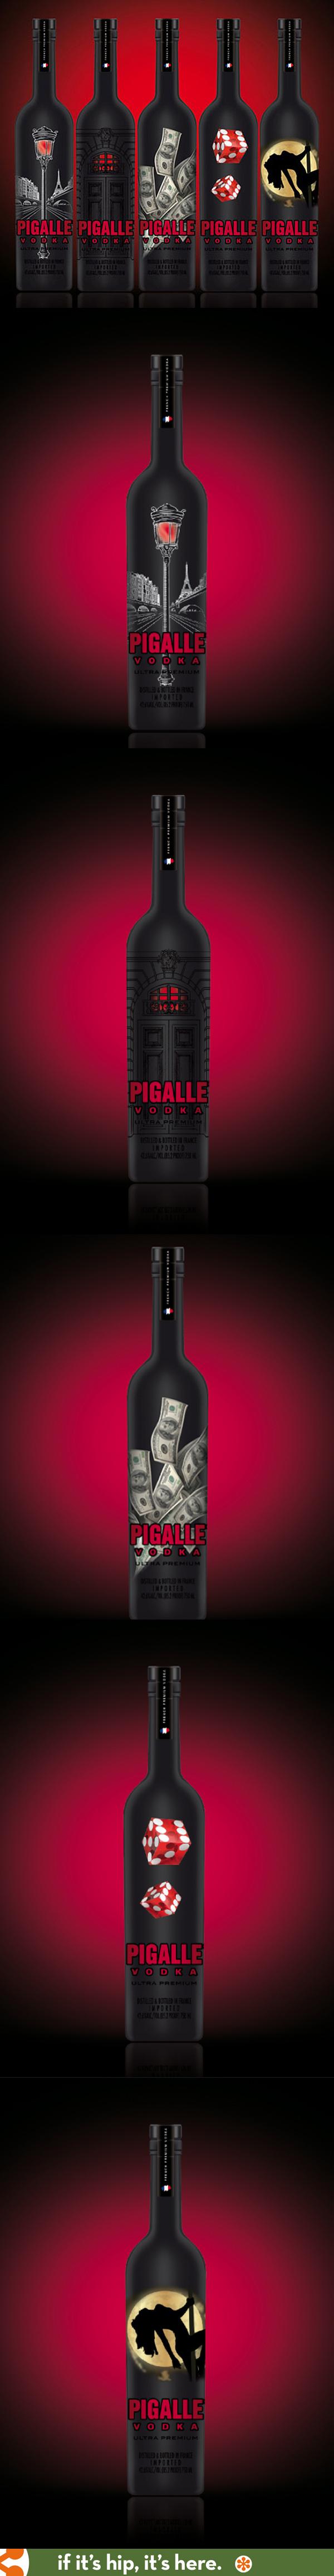 Hugedomains Com Pigallevodka Com Is For Sale Pigalle Vodka Bottle Design Premium Vodka Vodka Brands